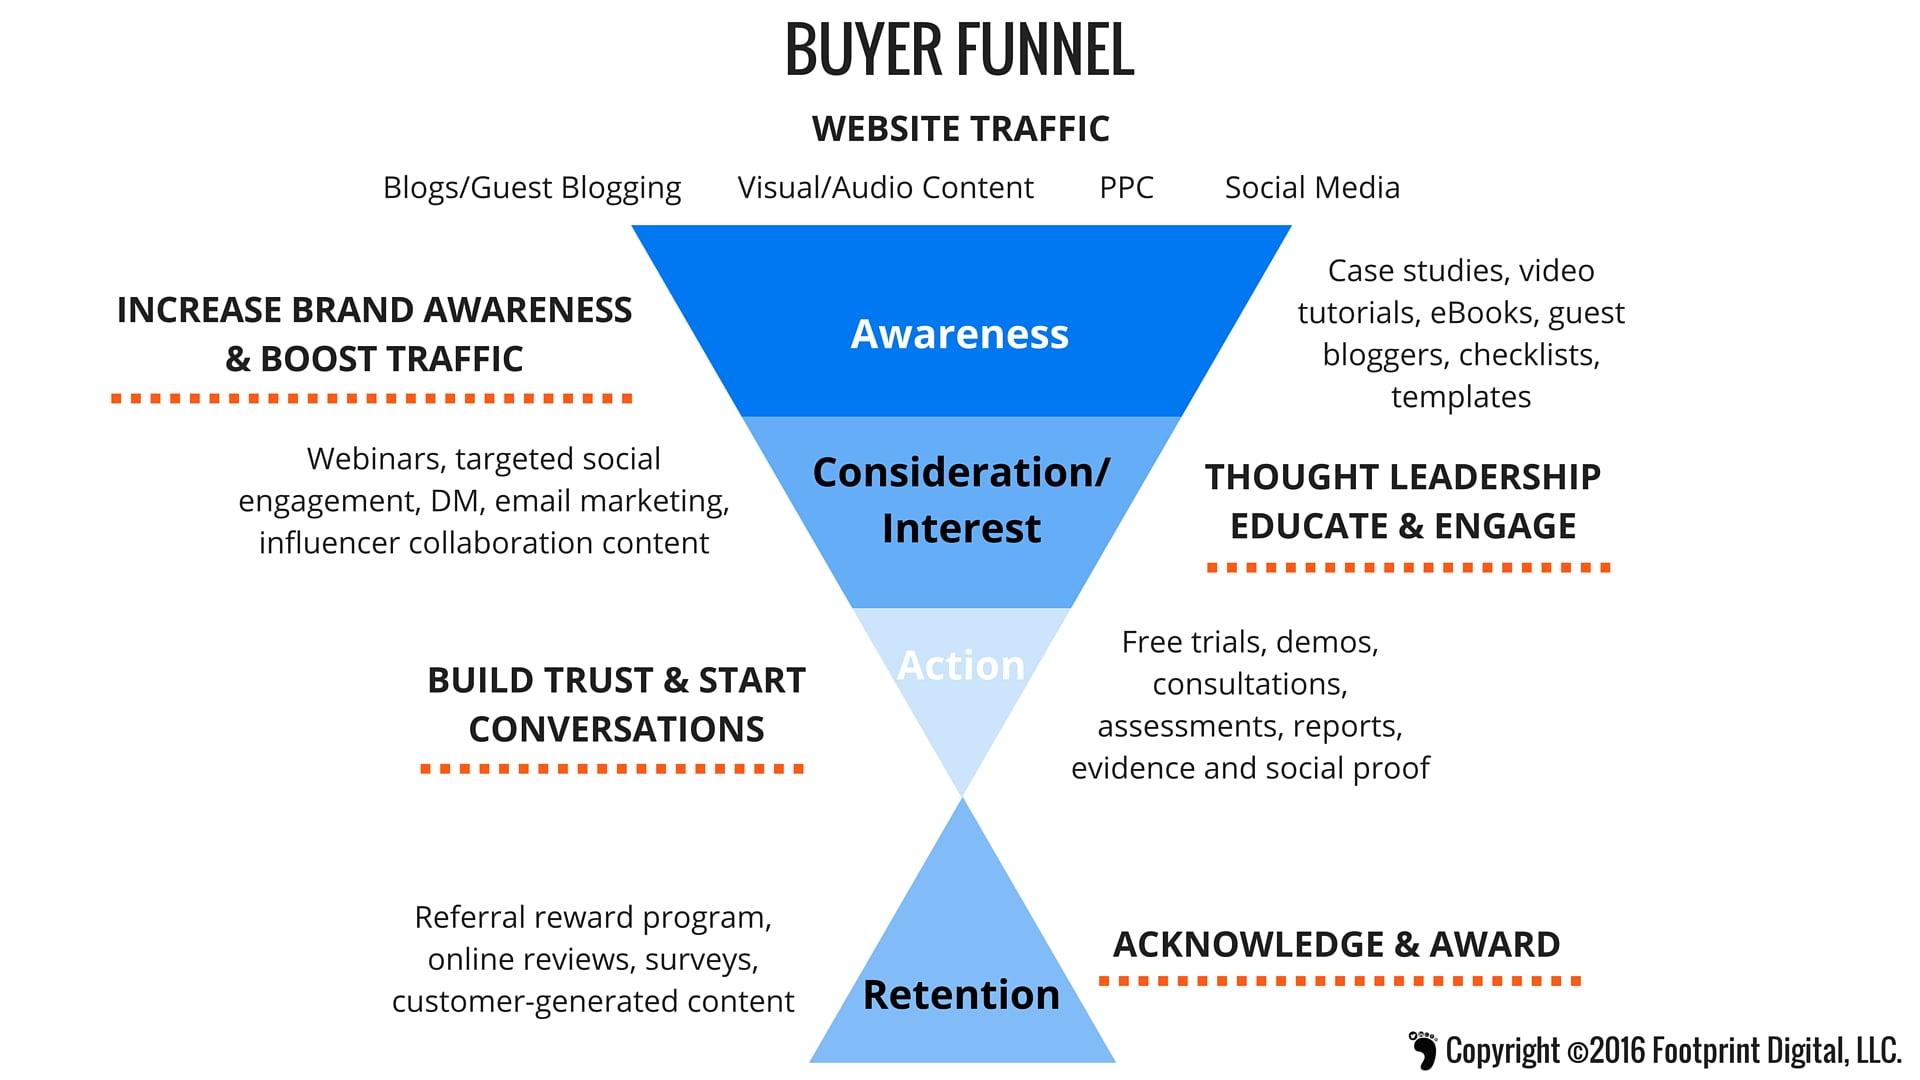 Buyer Funnel